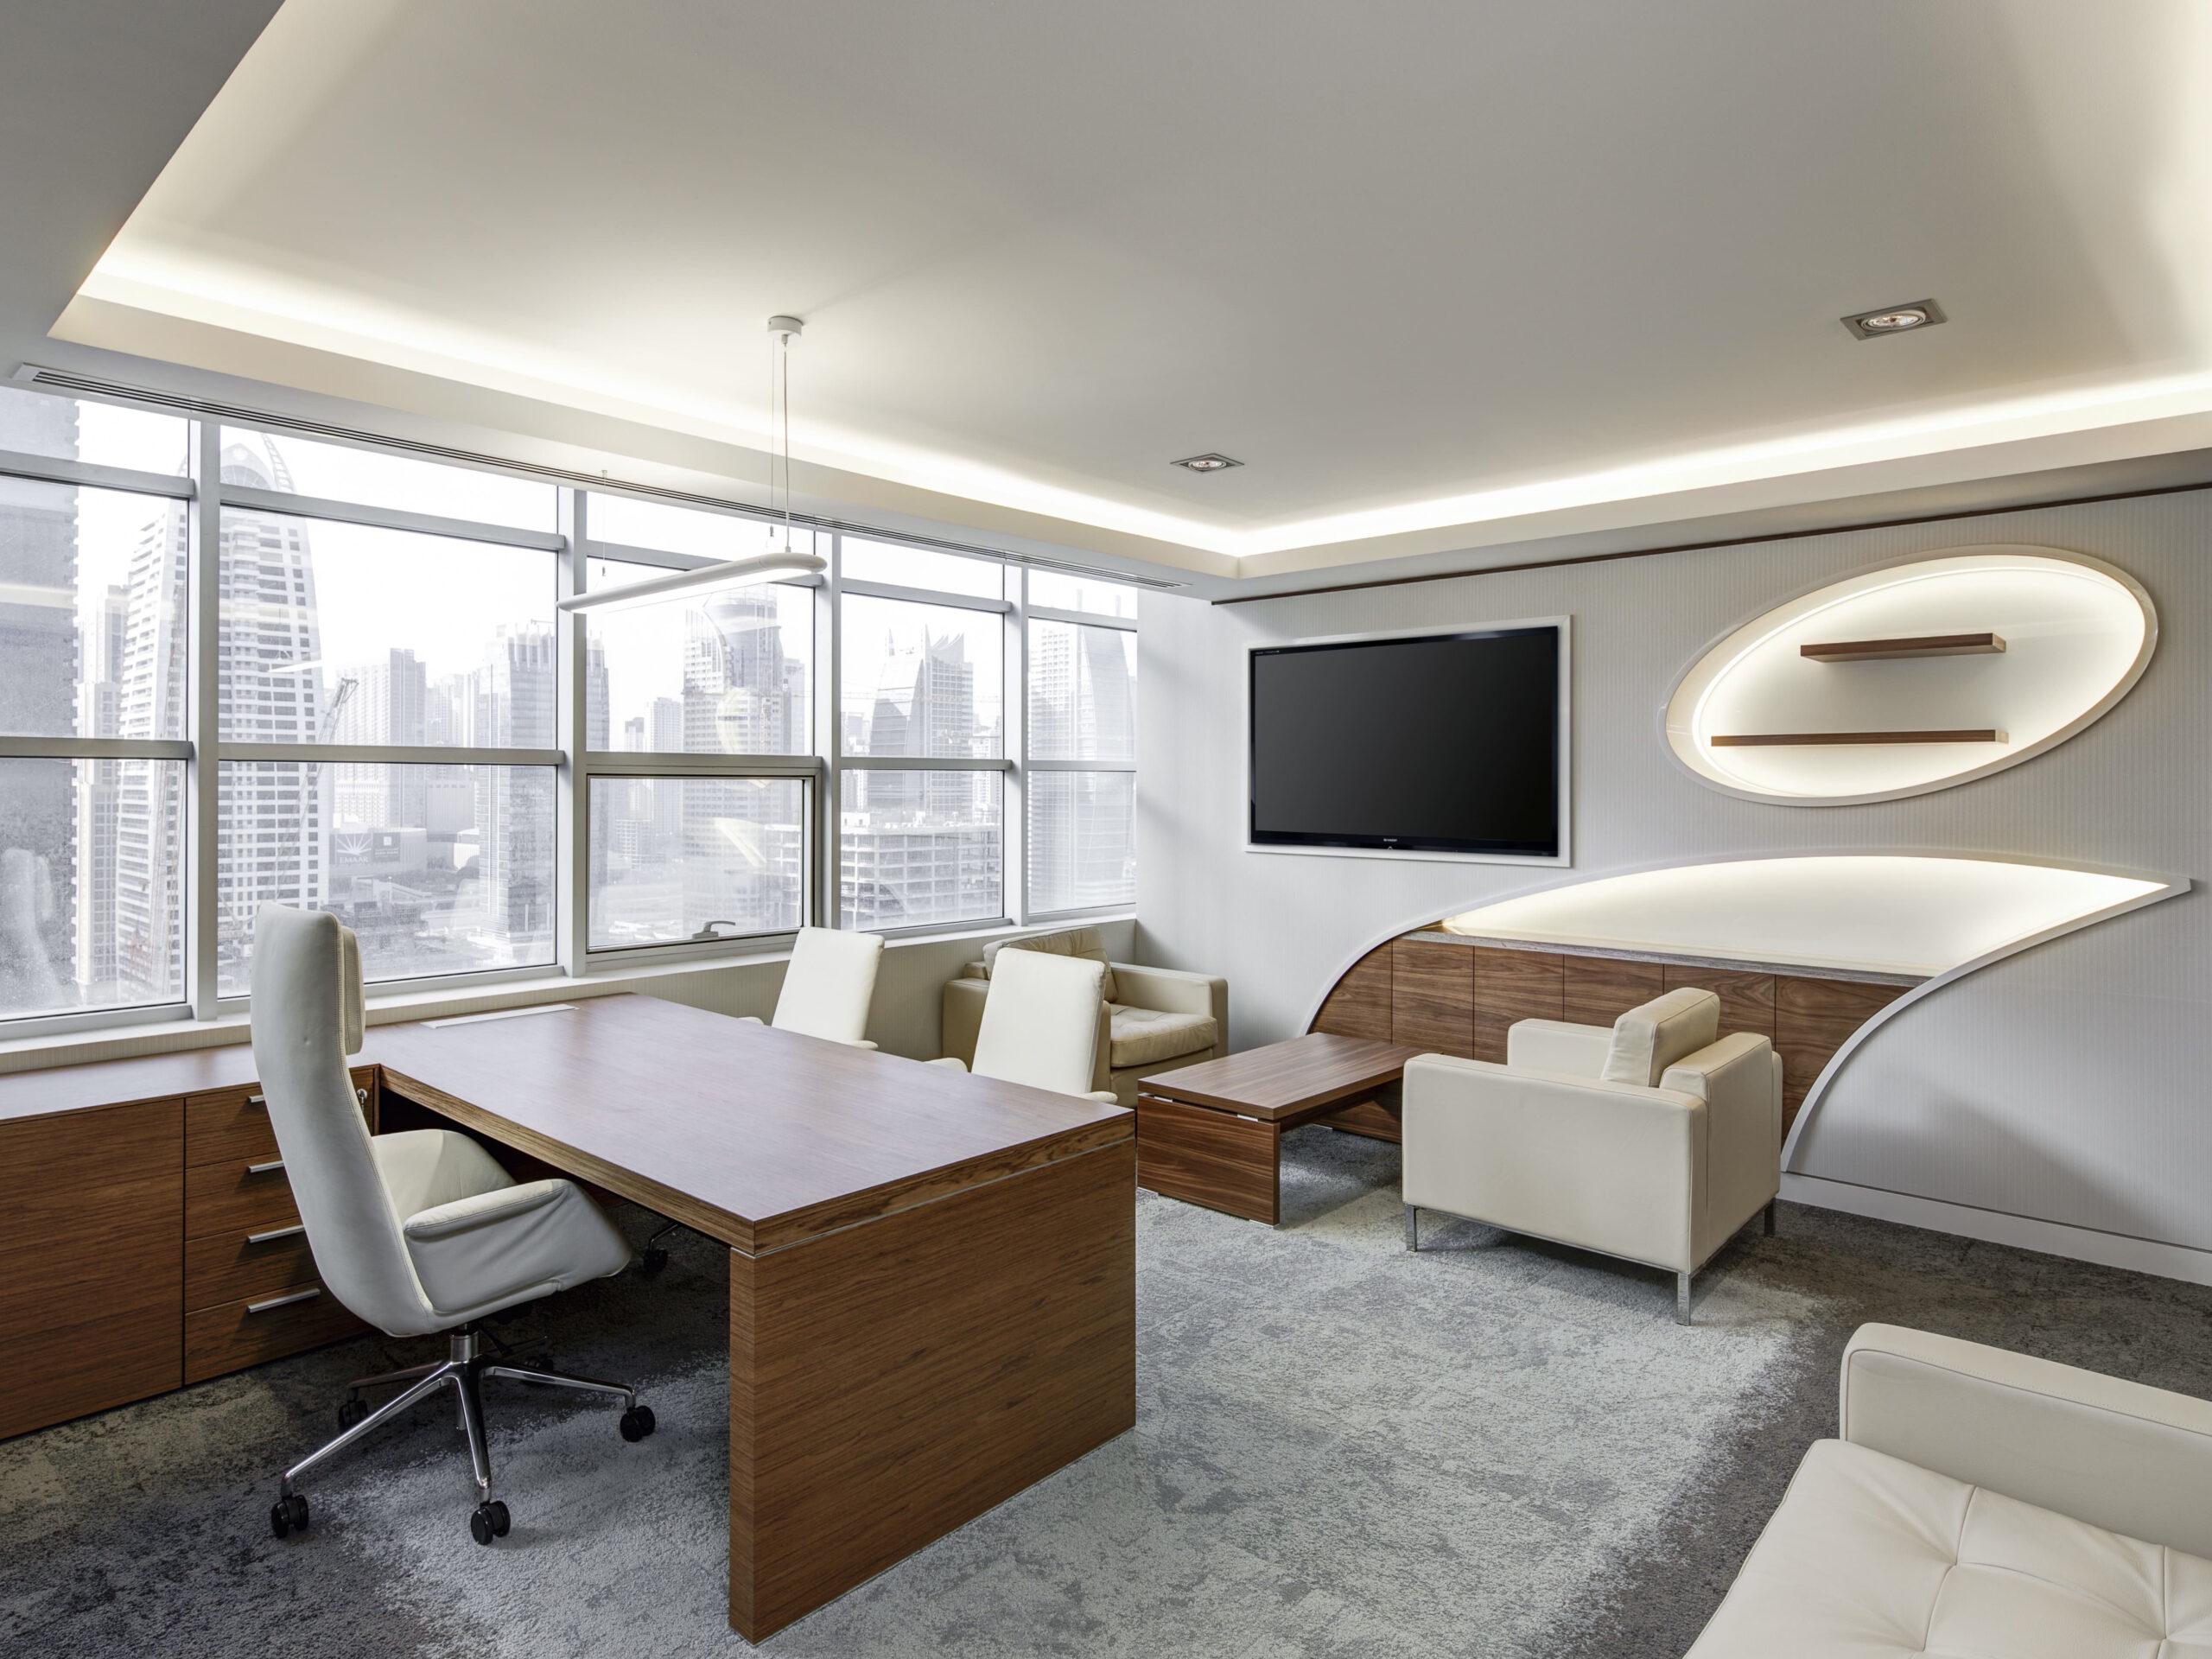 Schreibtisch_im_Büro_mit_ergonomischem_Stuhl